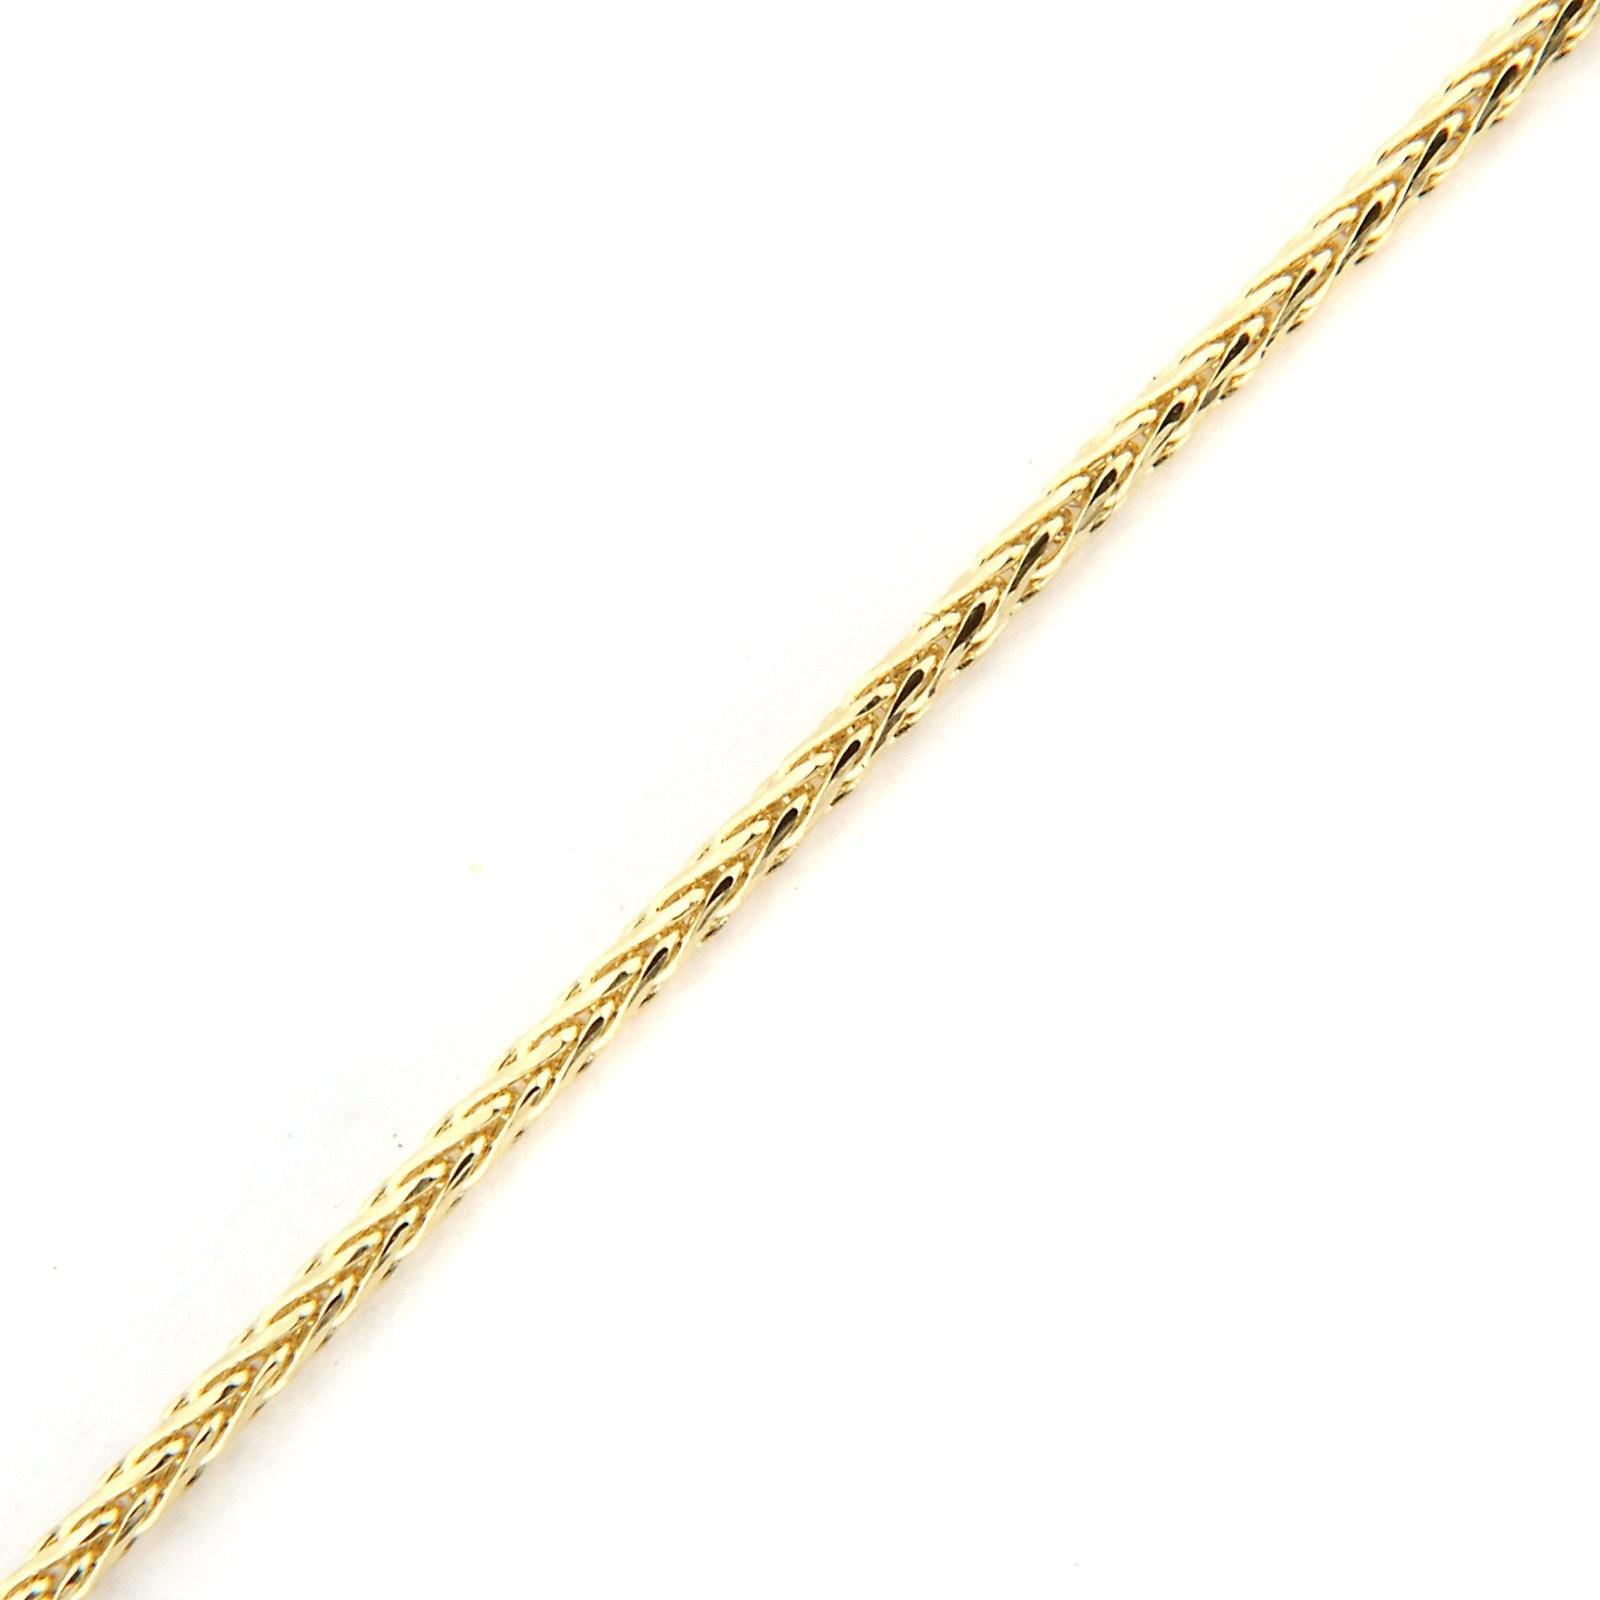 Zlatý řetízek 17335